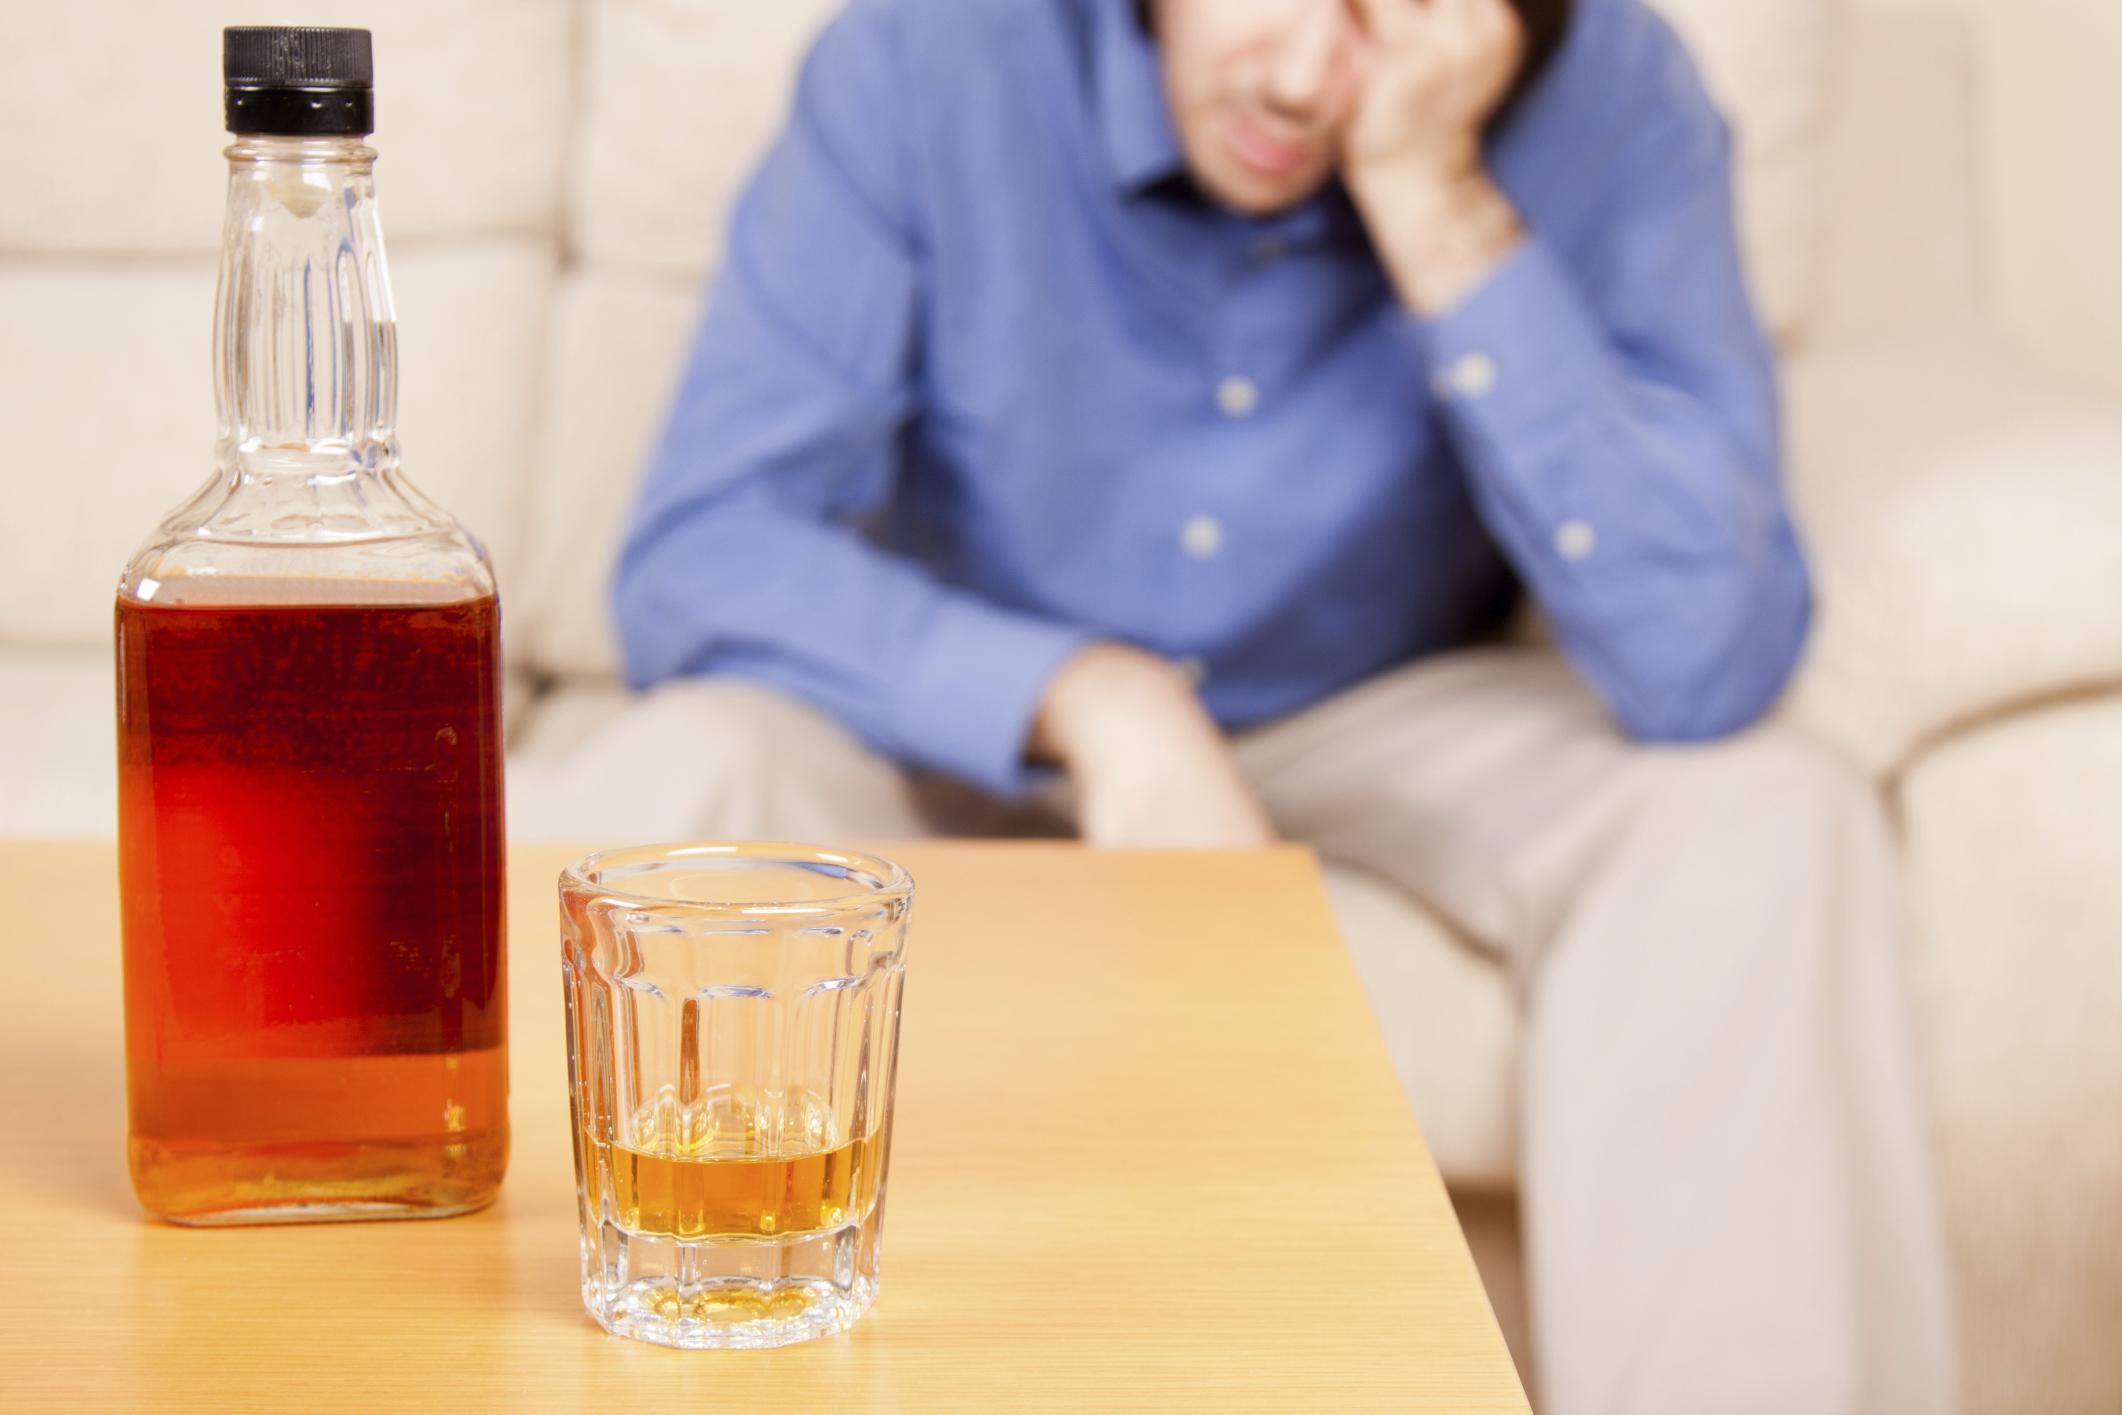 Лекарство от алкоголизма в Москве методы от алкоголизма заговоры